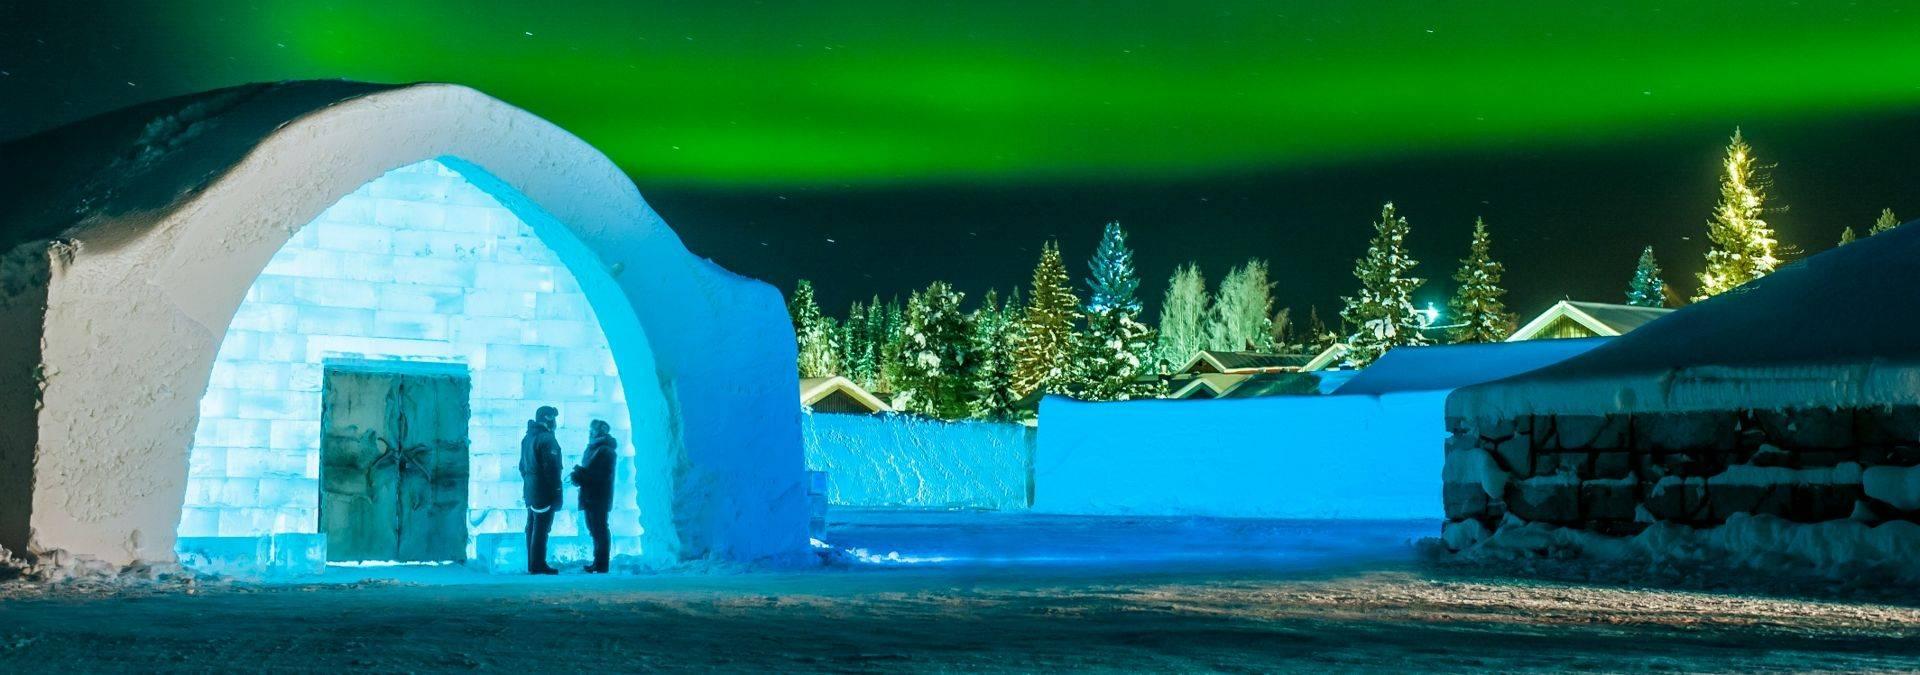 Icehotel Credit Asaf Kliger/Icehotel